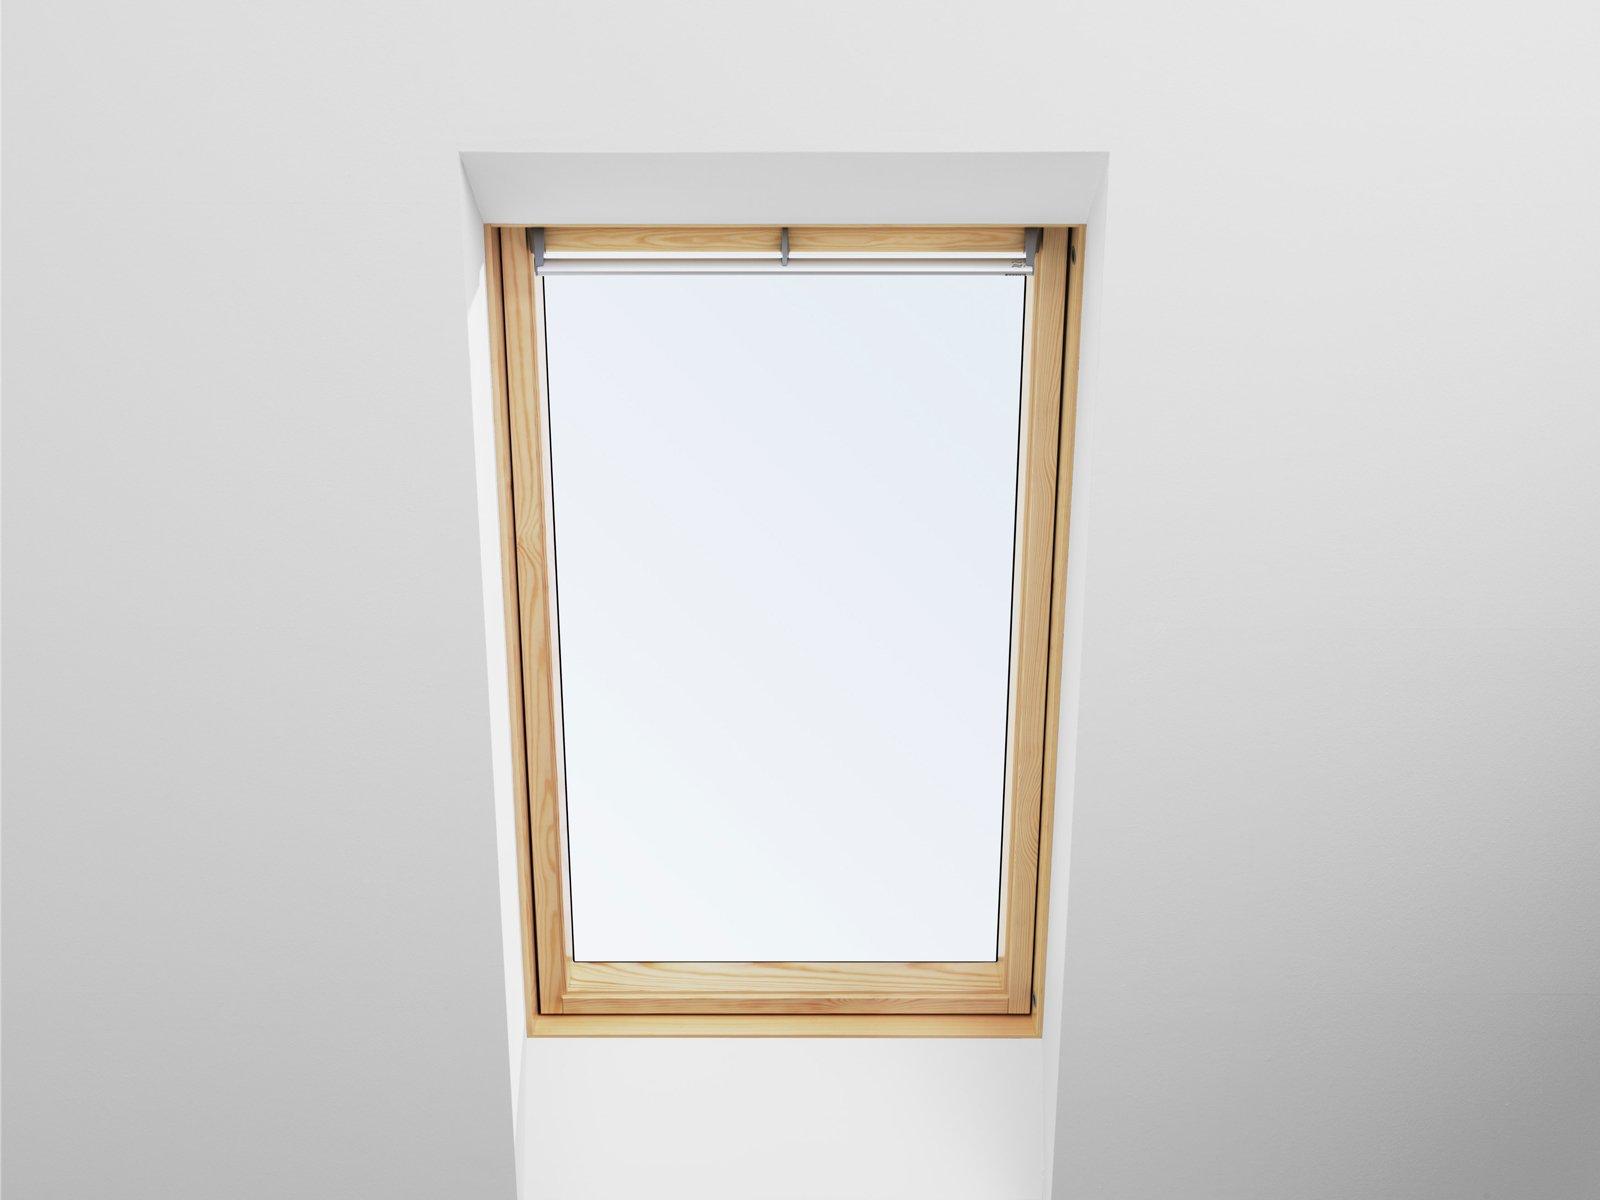 Casa pi sicura se il tetto anche garantito cose di casa - Dimensioni finestre velux ...